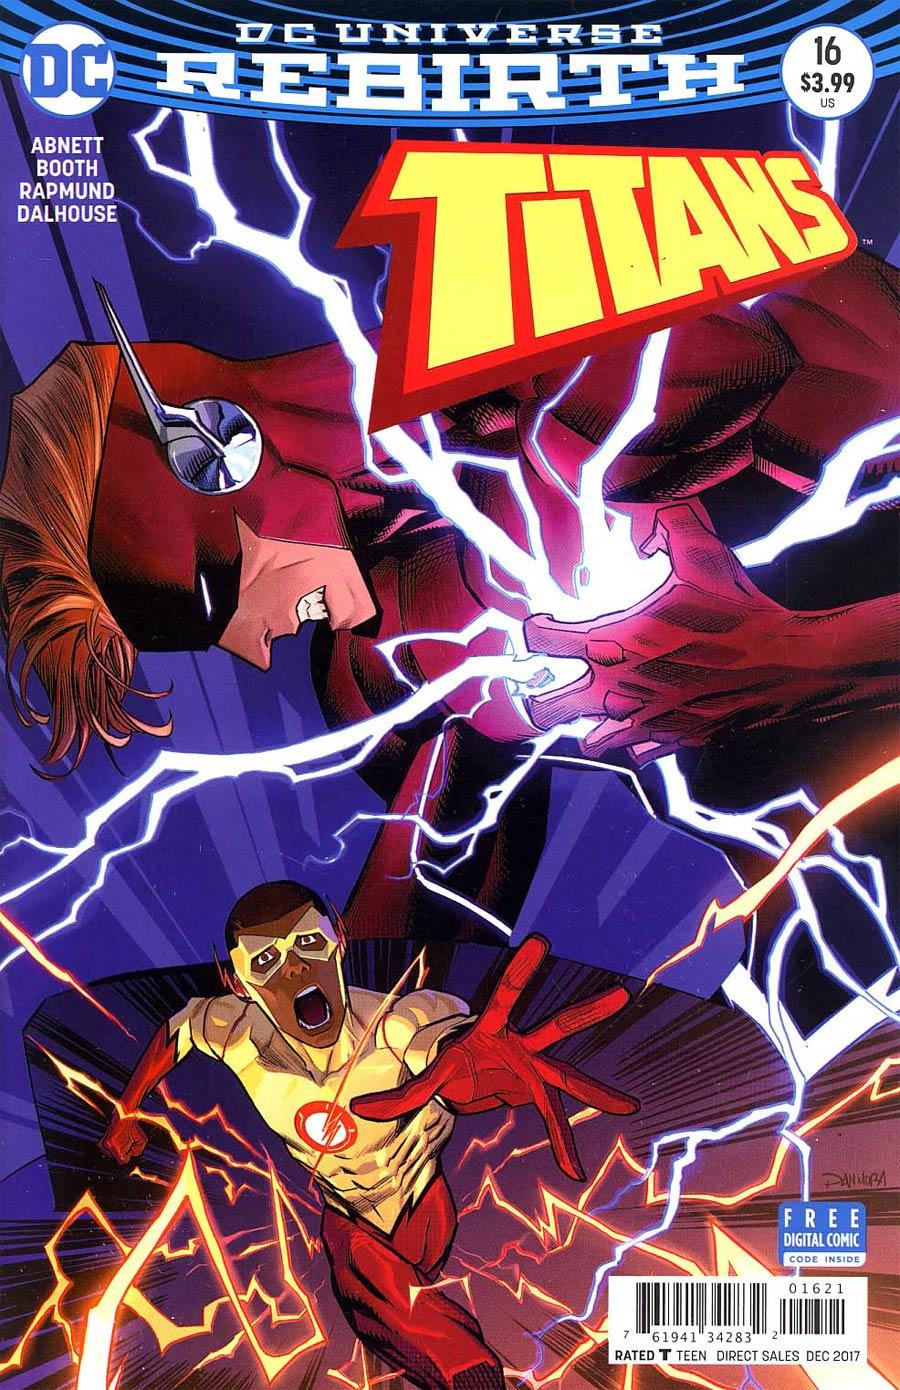 Titans Vol 3 #16 Cover B Variant Dan Mora Cover